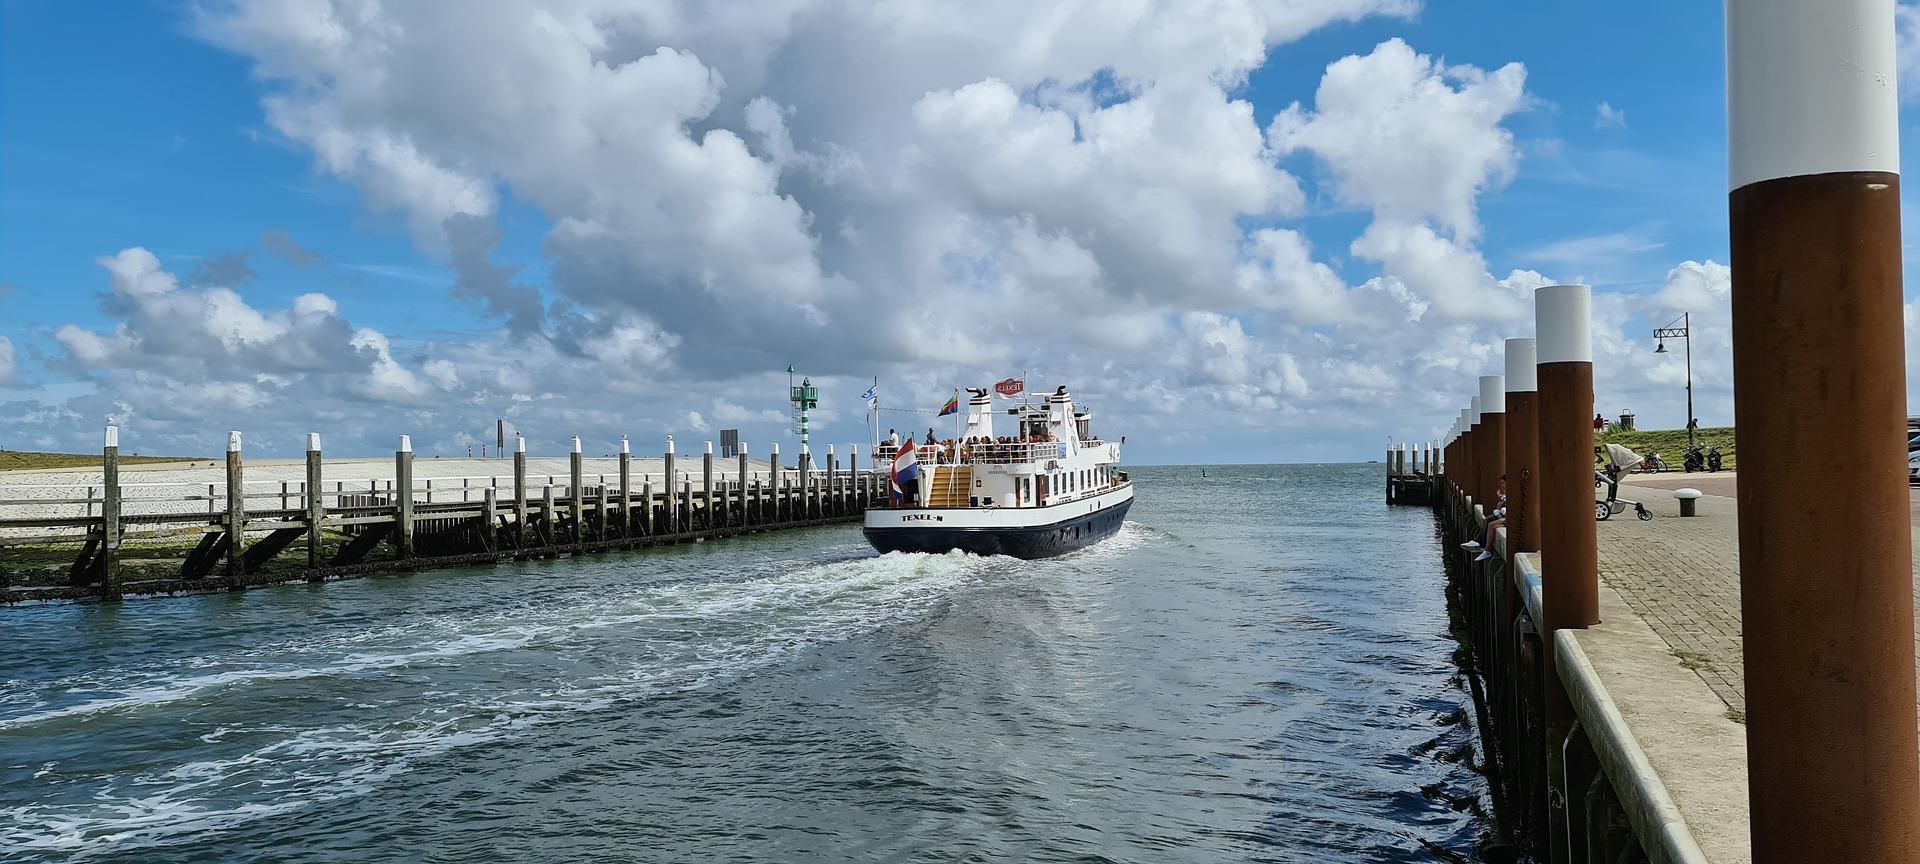 TX 44 vaart de haven uit VVV Texel